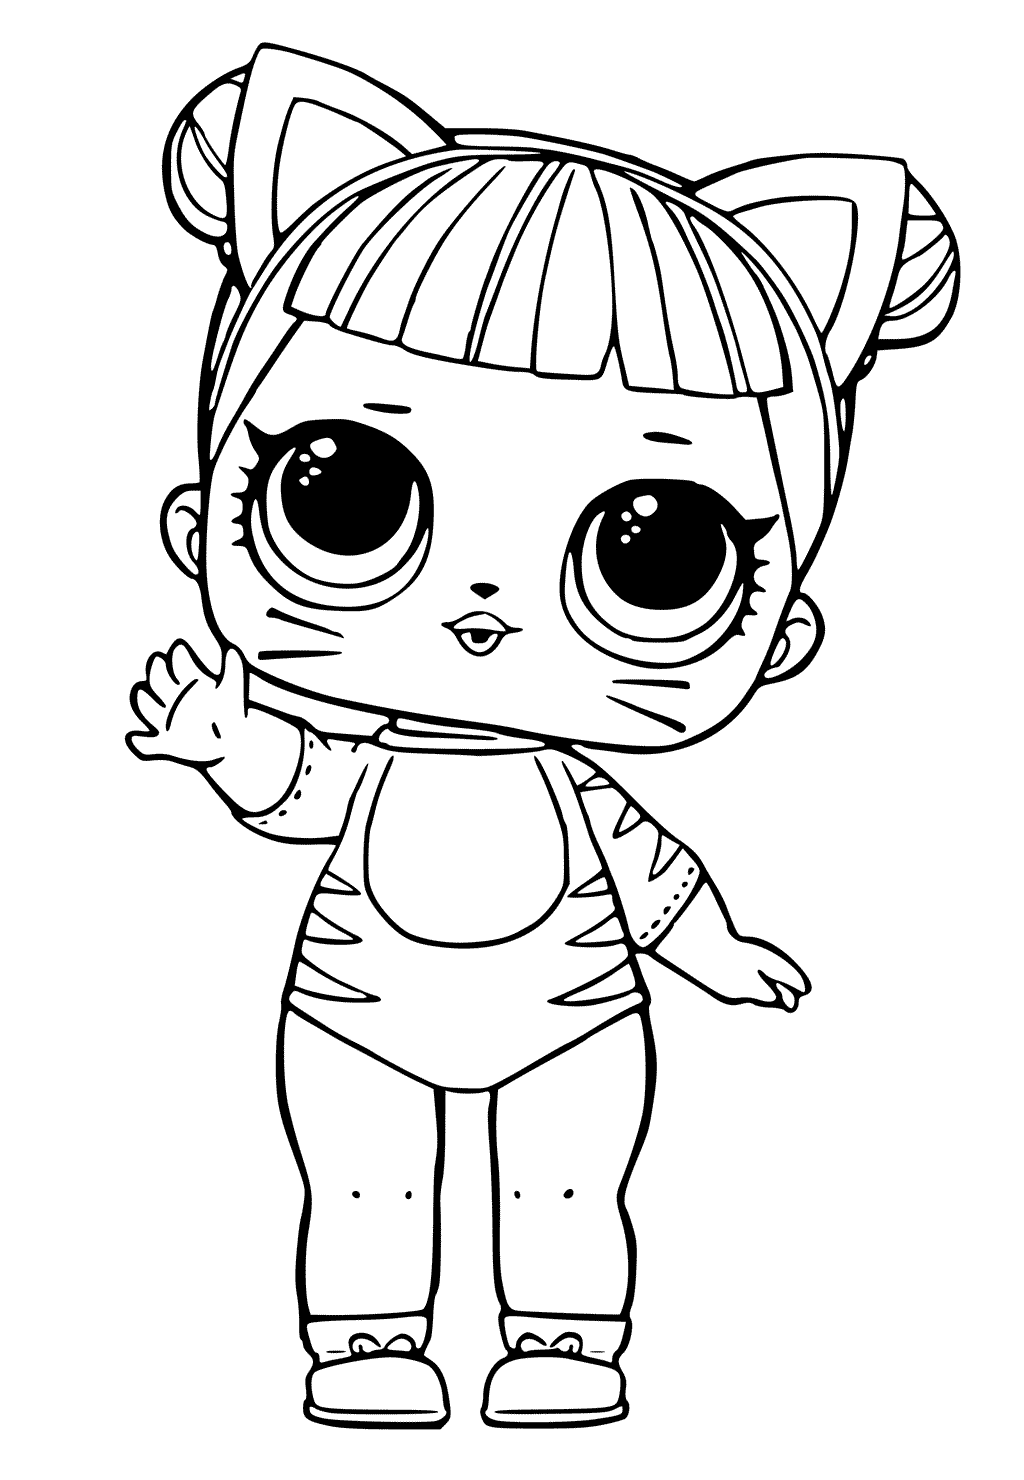 Dibujos para colorear muñecas lol cosas que adoro muñecas lol imprimir dibujos para colorear dibujos para colorear